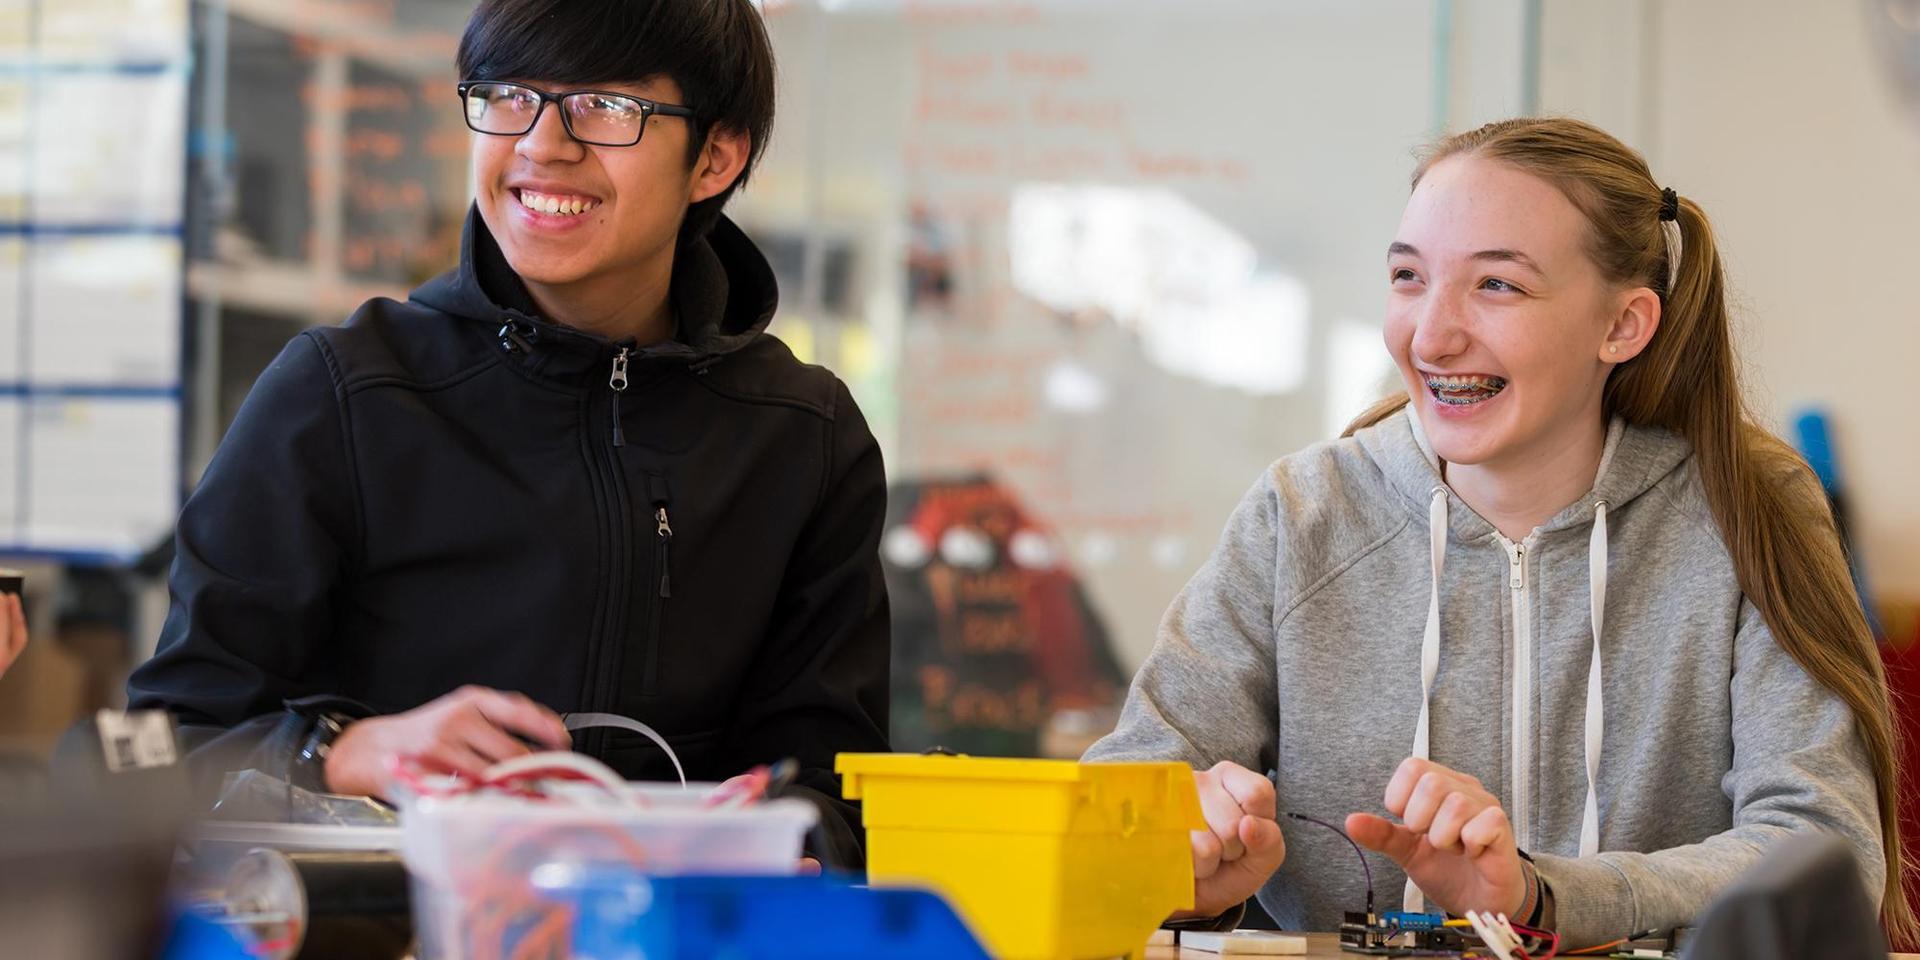 两个学生在I^3实验室摆弄电子设备.